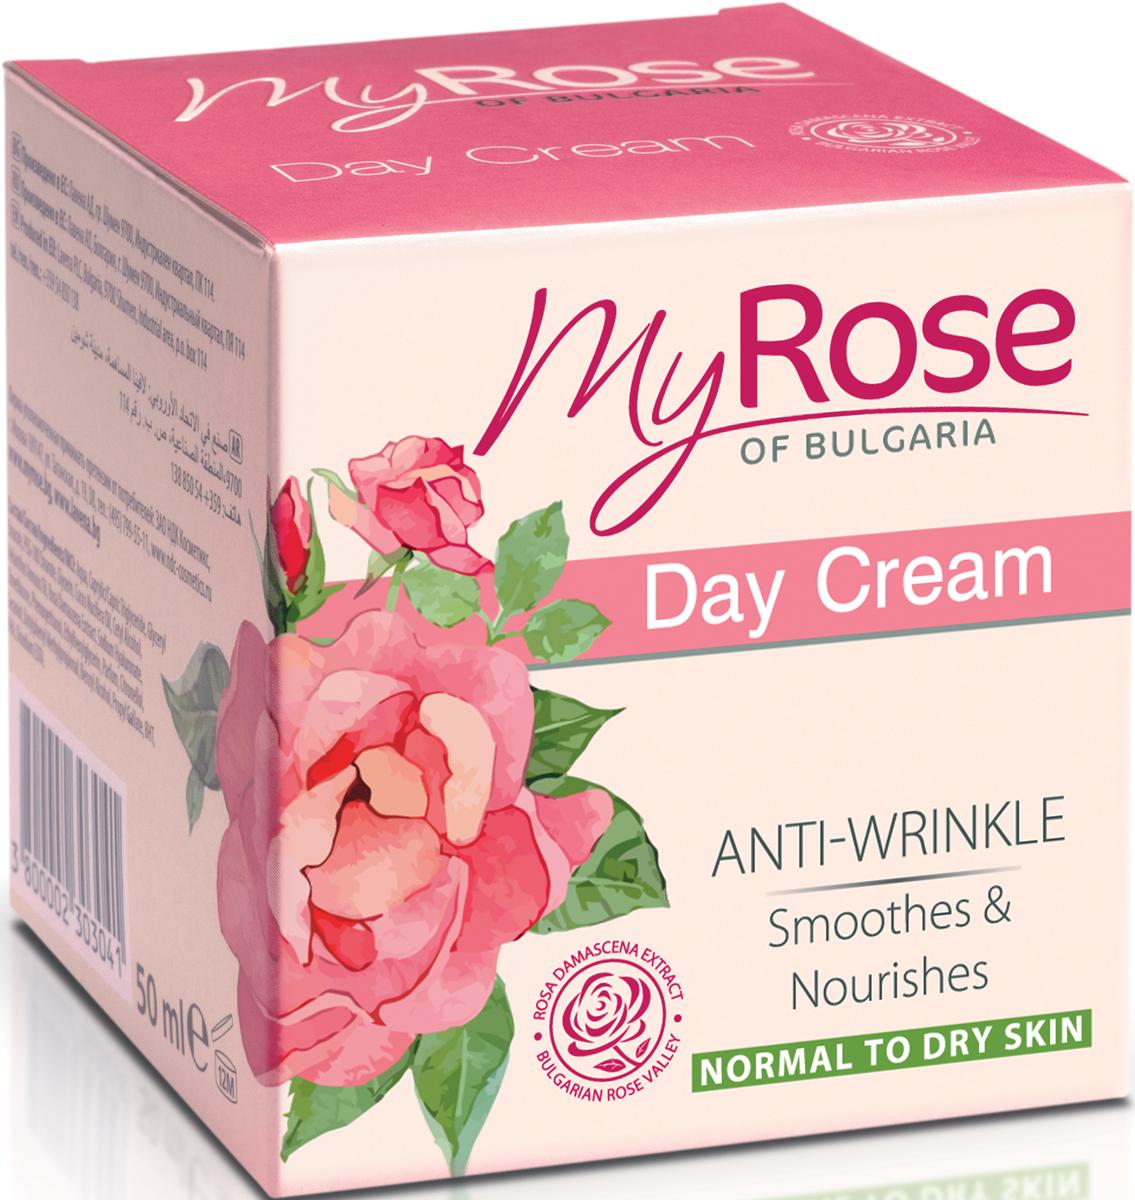 My Rose of BulgariaКрем для лица дневной против морщин Anti-Wrinkle Day Cream, 50 мл My Rose of Bulgaria